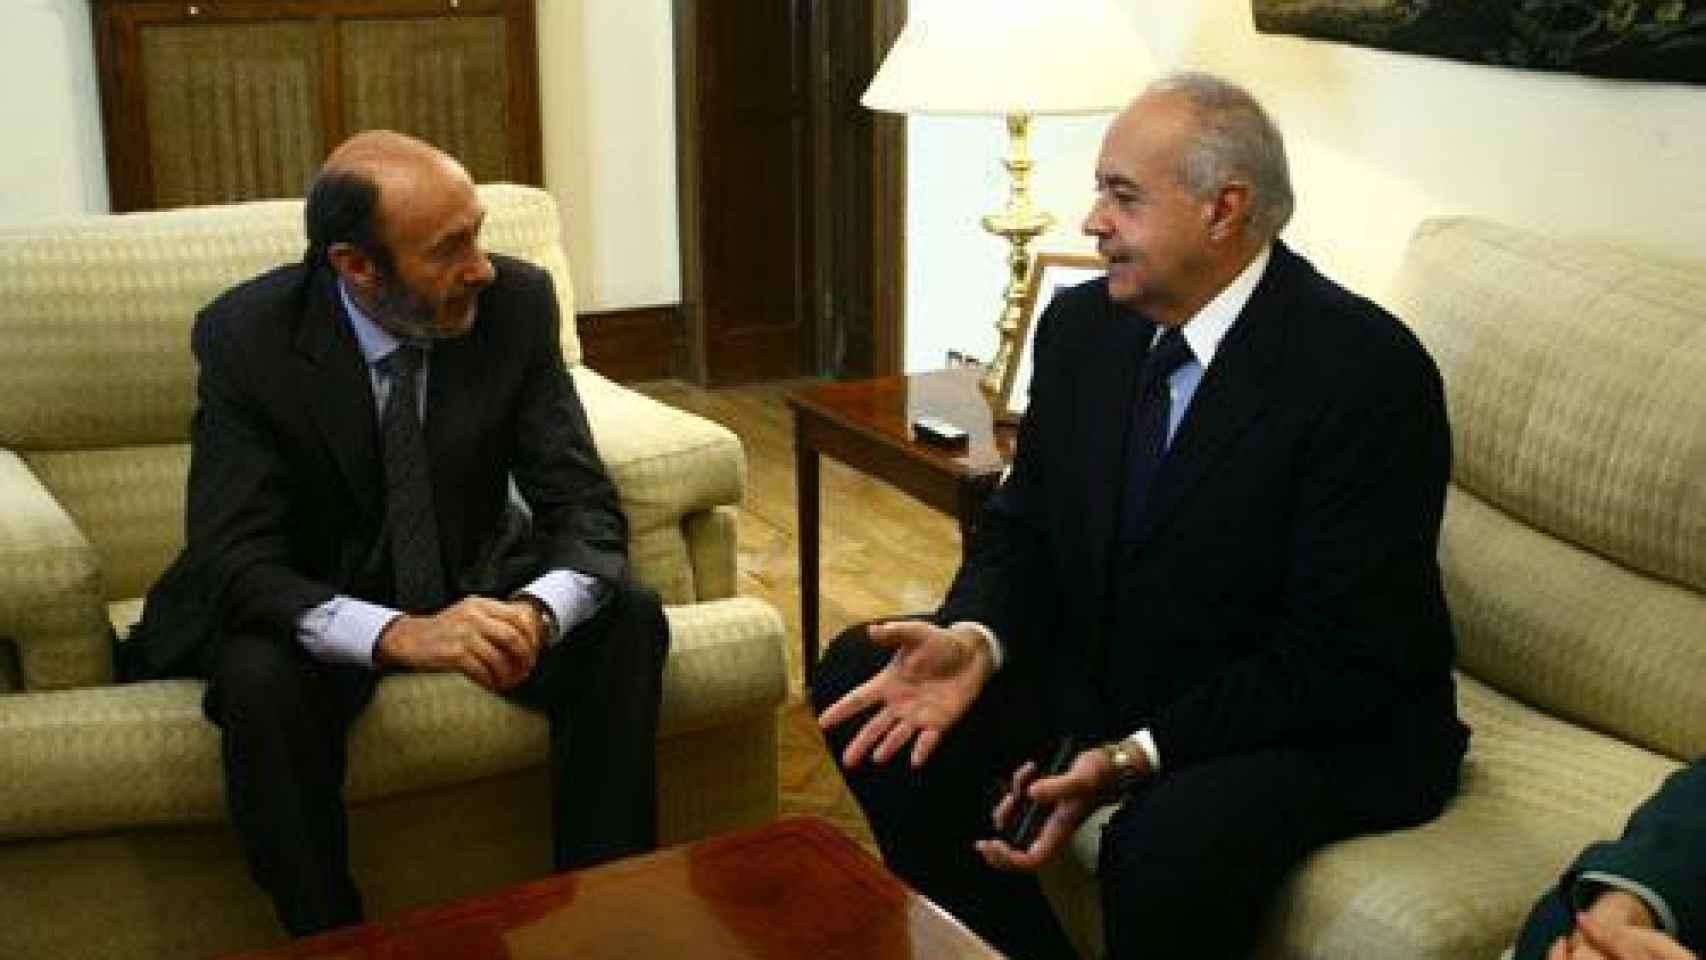 El productor quiso agradecer al entonces Ministro del Interior, Alfredo Pérez Rubalcaba, la actuación policial